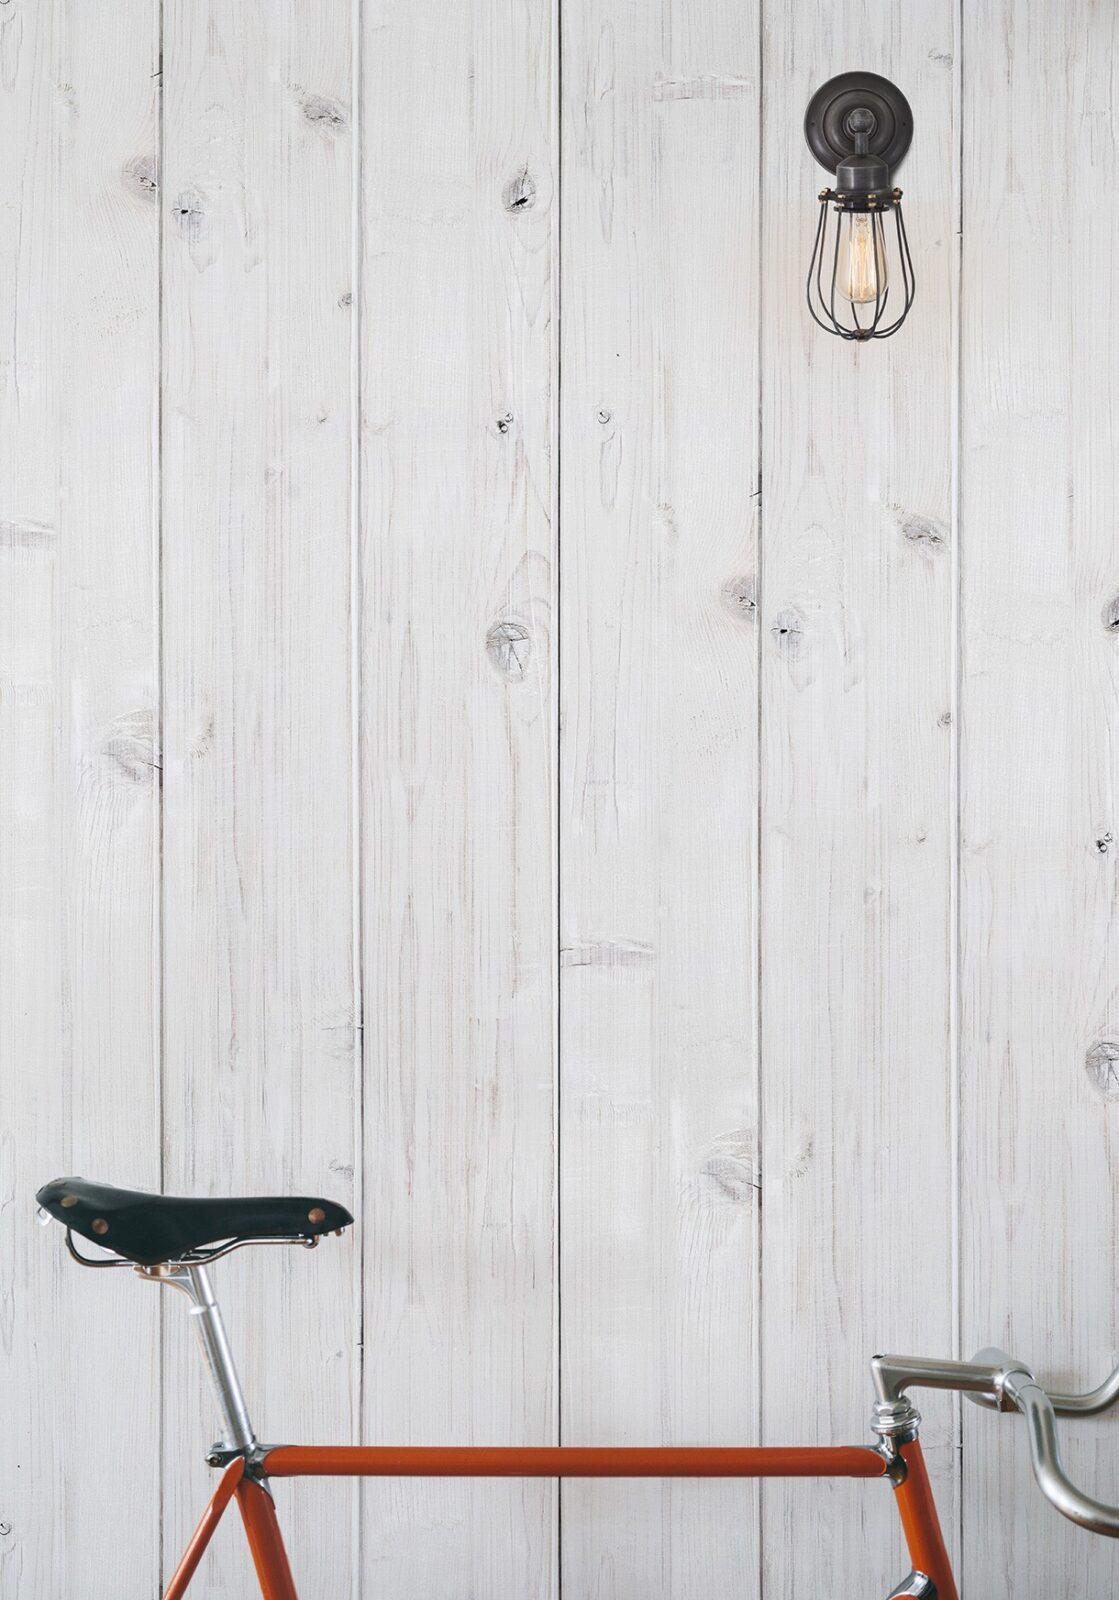 Whitewashed Timber-look WallpaperWhitewashed Timber Wallpaper2